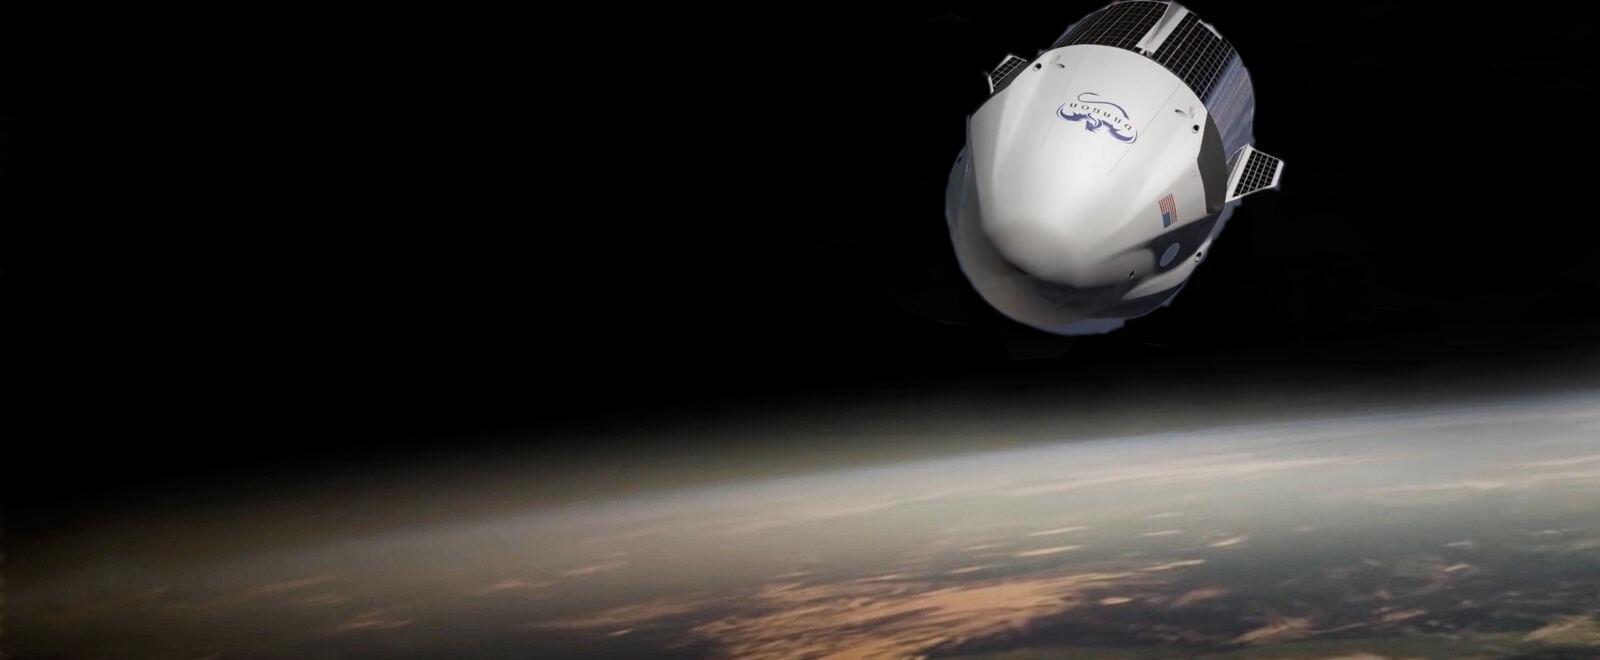 Diretta lancio spacex da cape canaveral